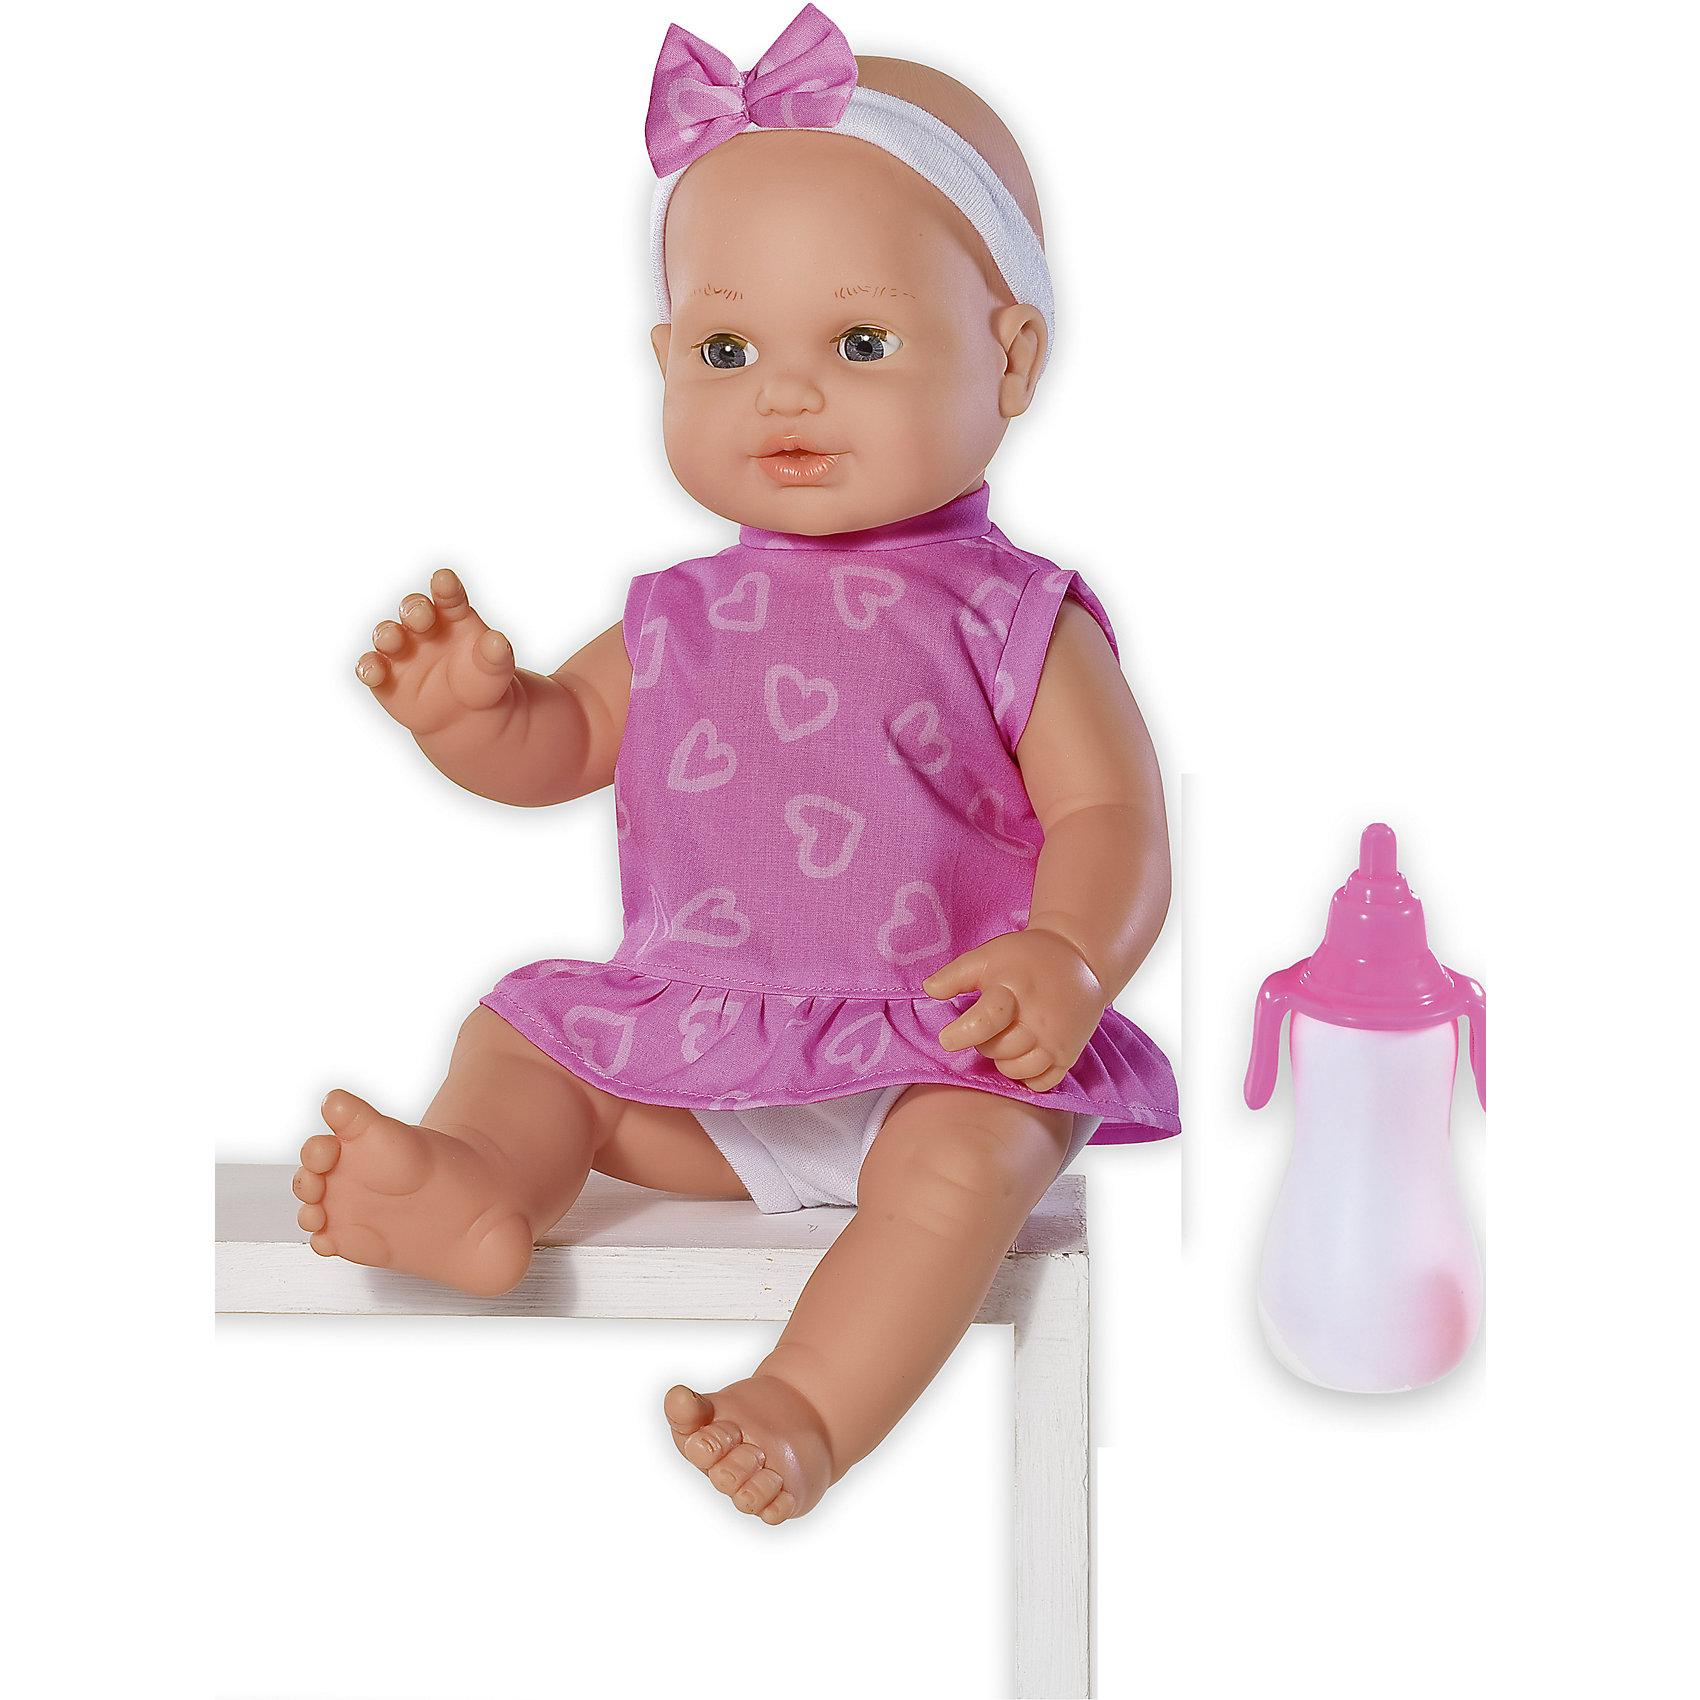 Кукла Le b?b? Пью и писаю, 43 см, Loko ToysКуклы-пупсы<br>Характеристики товара:<br><br>• возраст: от 10 месяцев;<br>• материал: пластик, текстиль, ПВХ;<br>• в комплекте: кукла, бутылочка;<br>• высота куклы: 43 см;<br>• размер упаковки: 41х28х12,5 см;<br>• вес упаковки: 850 гр.;<br>• страна производитель: Китай;<br>• товар представлен в ассортименте, нет возможности выбрать конкретную расцветку.<br><br>Кукла «Le Bebe: Пью и писаю» Loko Toys одета в розовое платье, а на голове — повязка с бантиком. Как только куколка попьет из бутылочки воду, она сразу захочет сходить на горшок и пописать. Пупса можно брать на прогулку, в детский садик, покачать на ручках и укладывать дома спать. Игра с куклой привьет девочке любовь, чувство ответственности, заботы и помощи окружающим. <br><br>Куклу «Le Bebe: Пью и писаю» Loko Toys можно приобрести в нашем интернет-магазине.<br><br>Ширина мм: 280<br>Глубина мм: 125<br>Высота мм: 410<br>Вес г: 850<br>Возраст от месяцев: 10<br>Возраст до месяцев: 2147483647<br>Пол: Женский<br>Возраст: Детский<br>SKU: 6759080